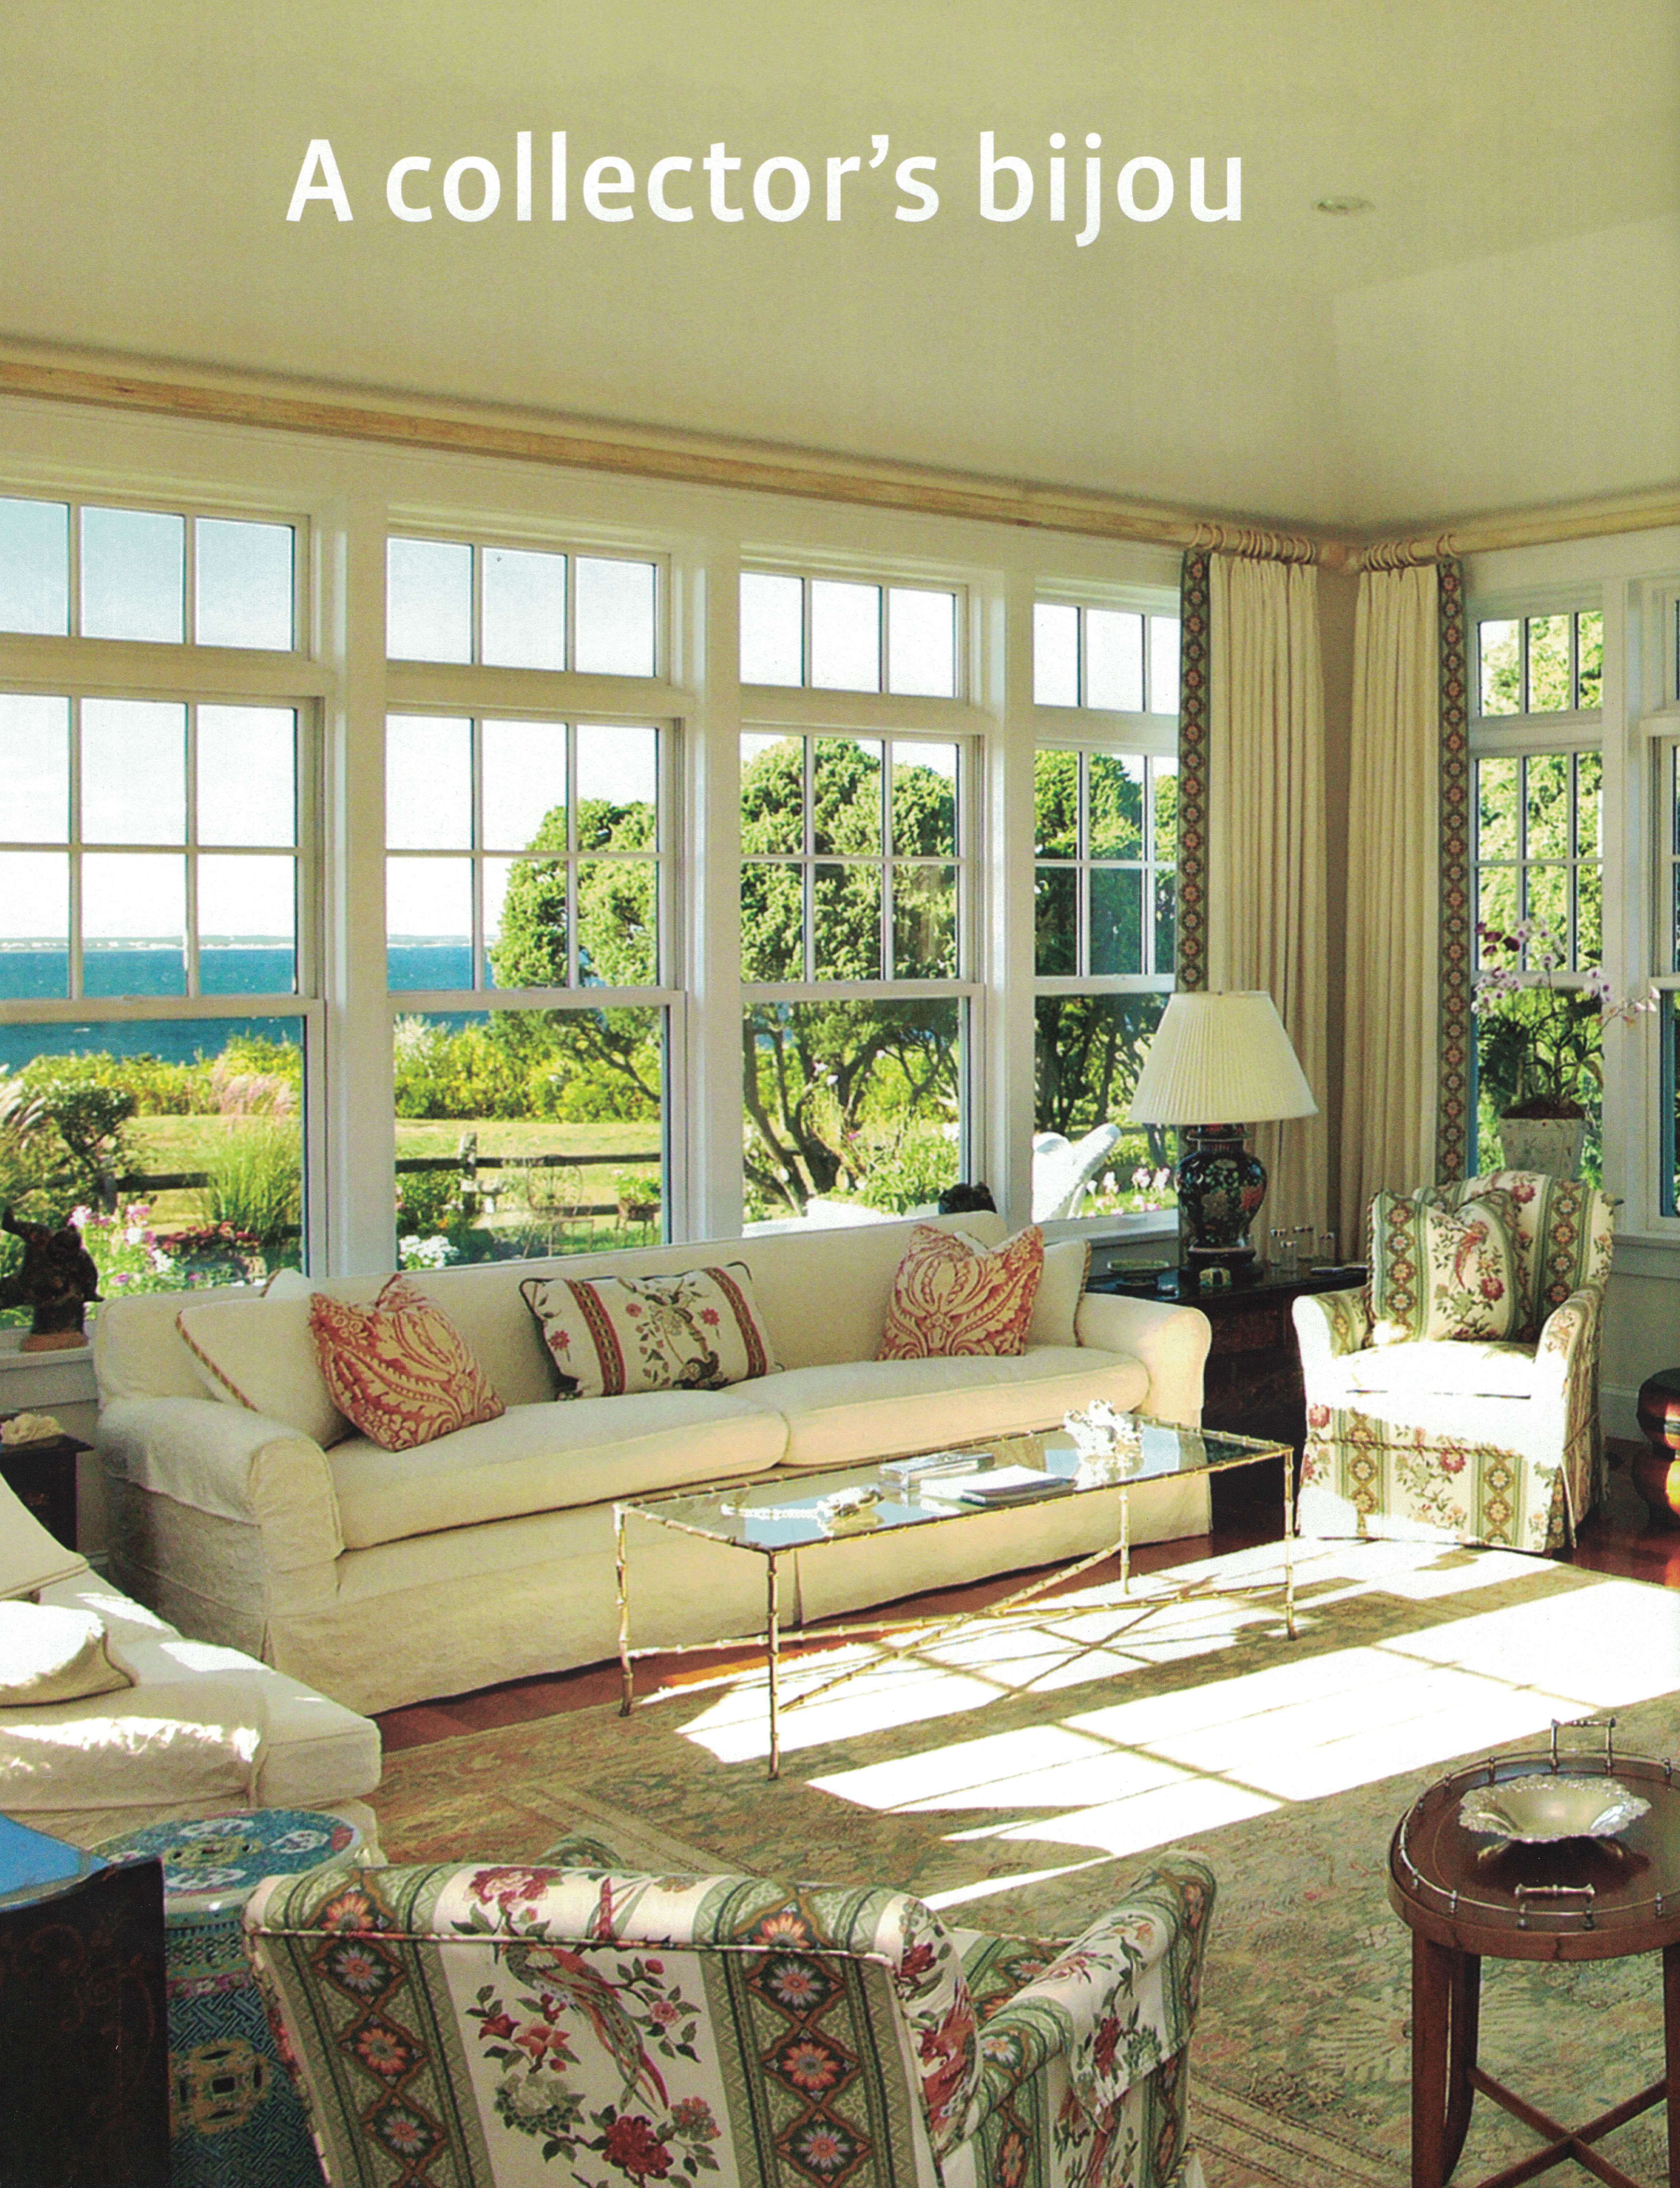 Marthas Vineyard Magazine Home & Garden Spring-Summer 2009 {Page 32}